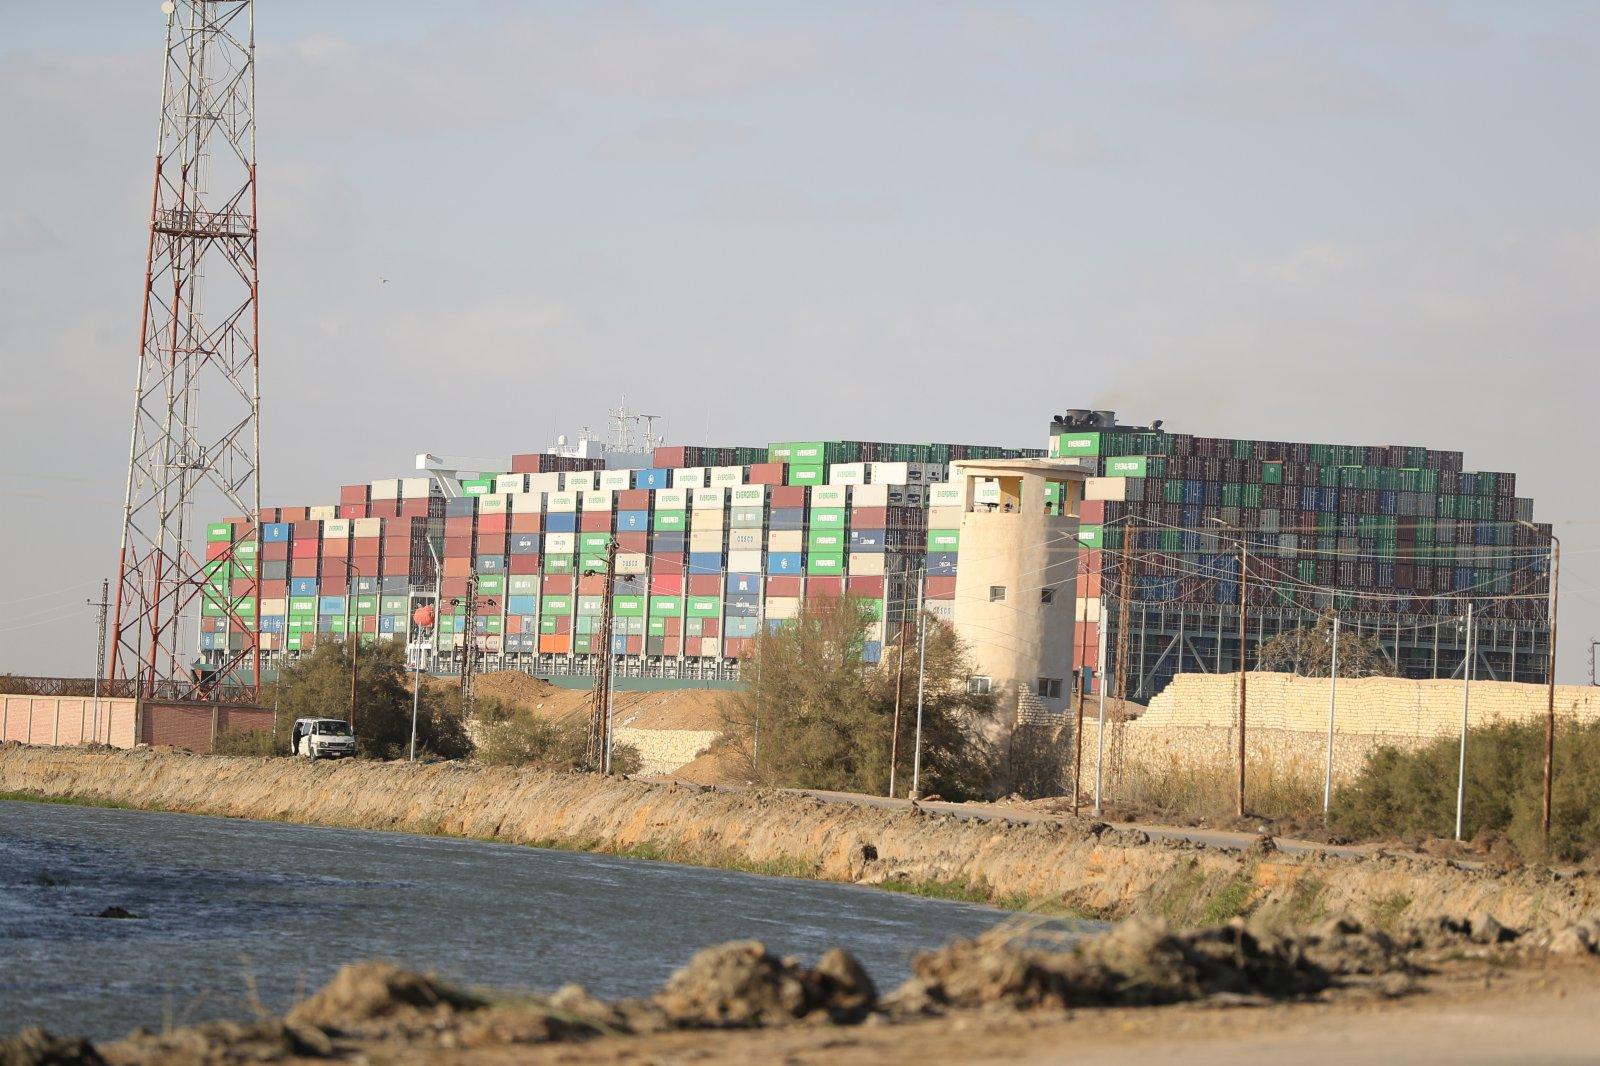 這是3月29日拍攝的移動至埃及蘇伊士運河正常航道上的重型貨輪。(新華社)